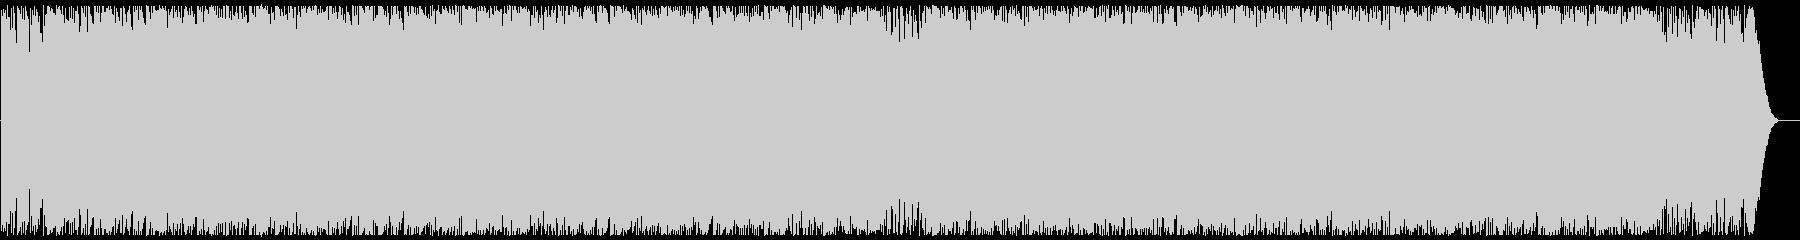 重低音の激しいエレクトロ・ロックの未再生の波形